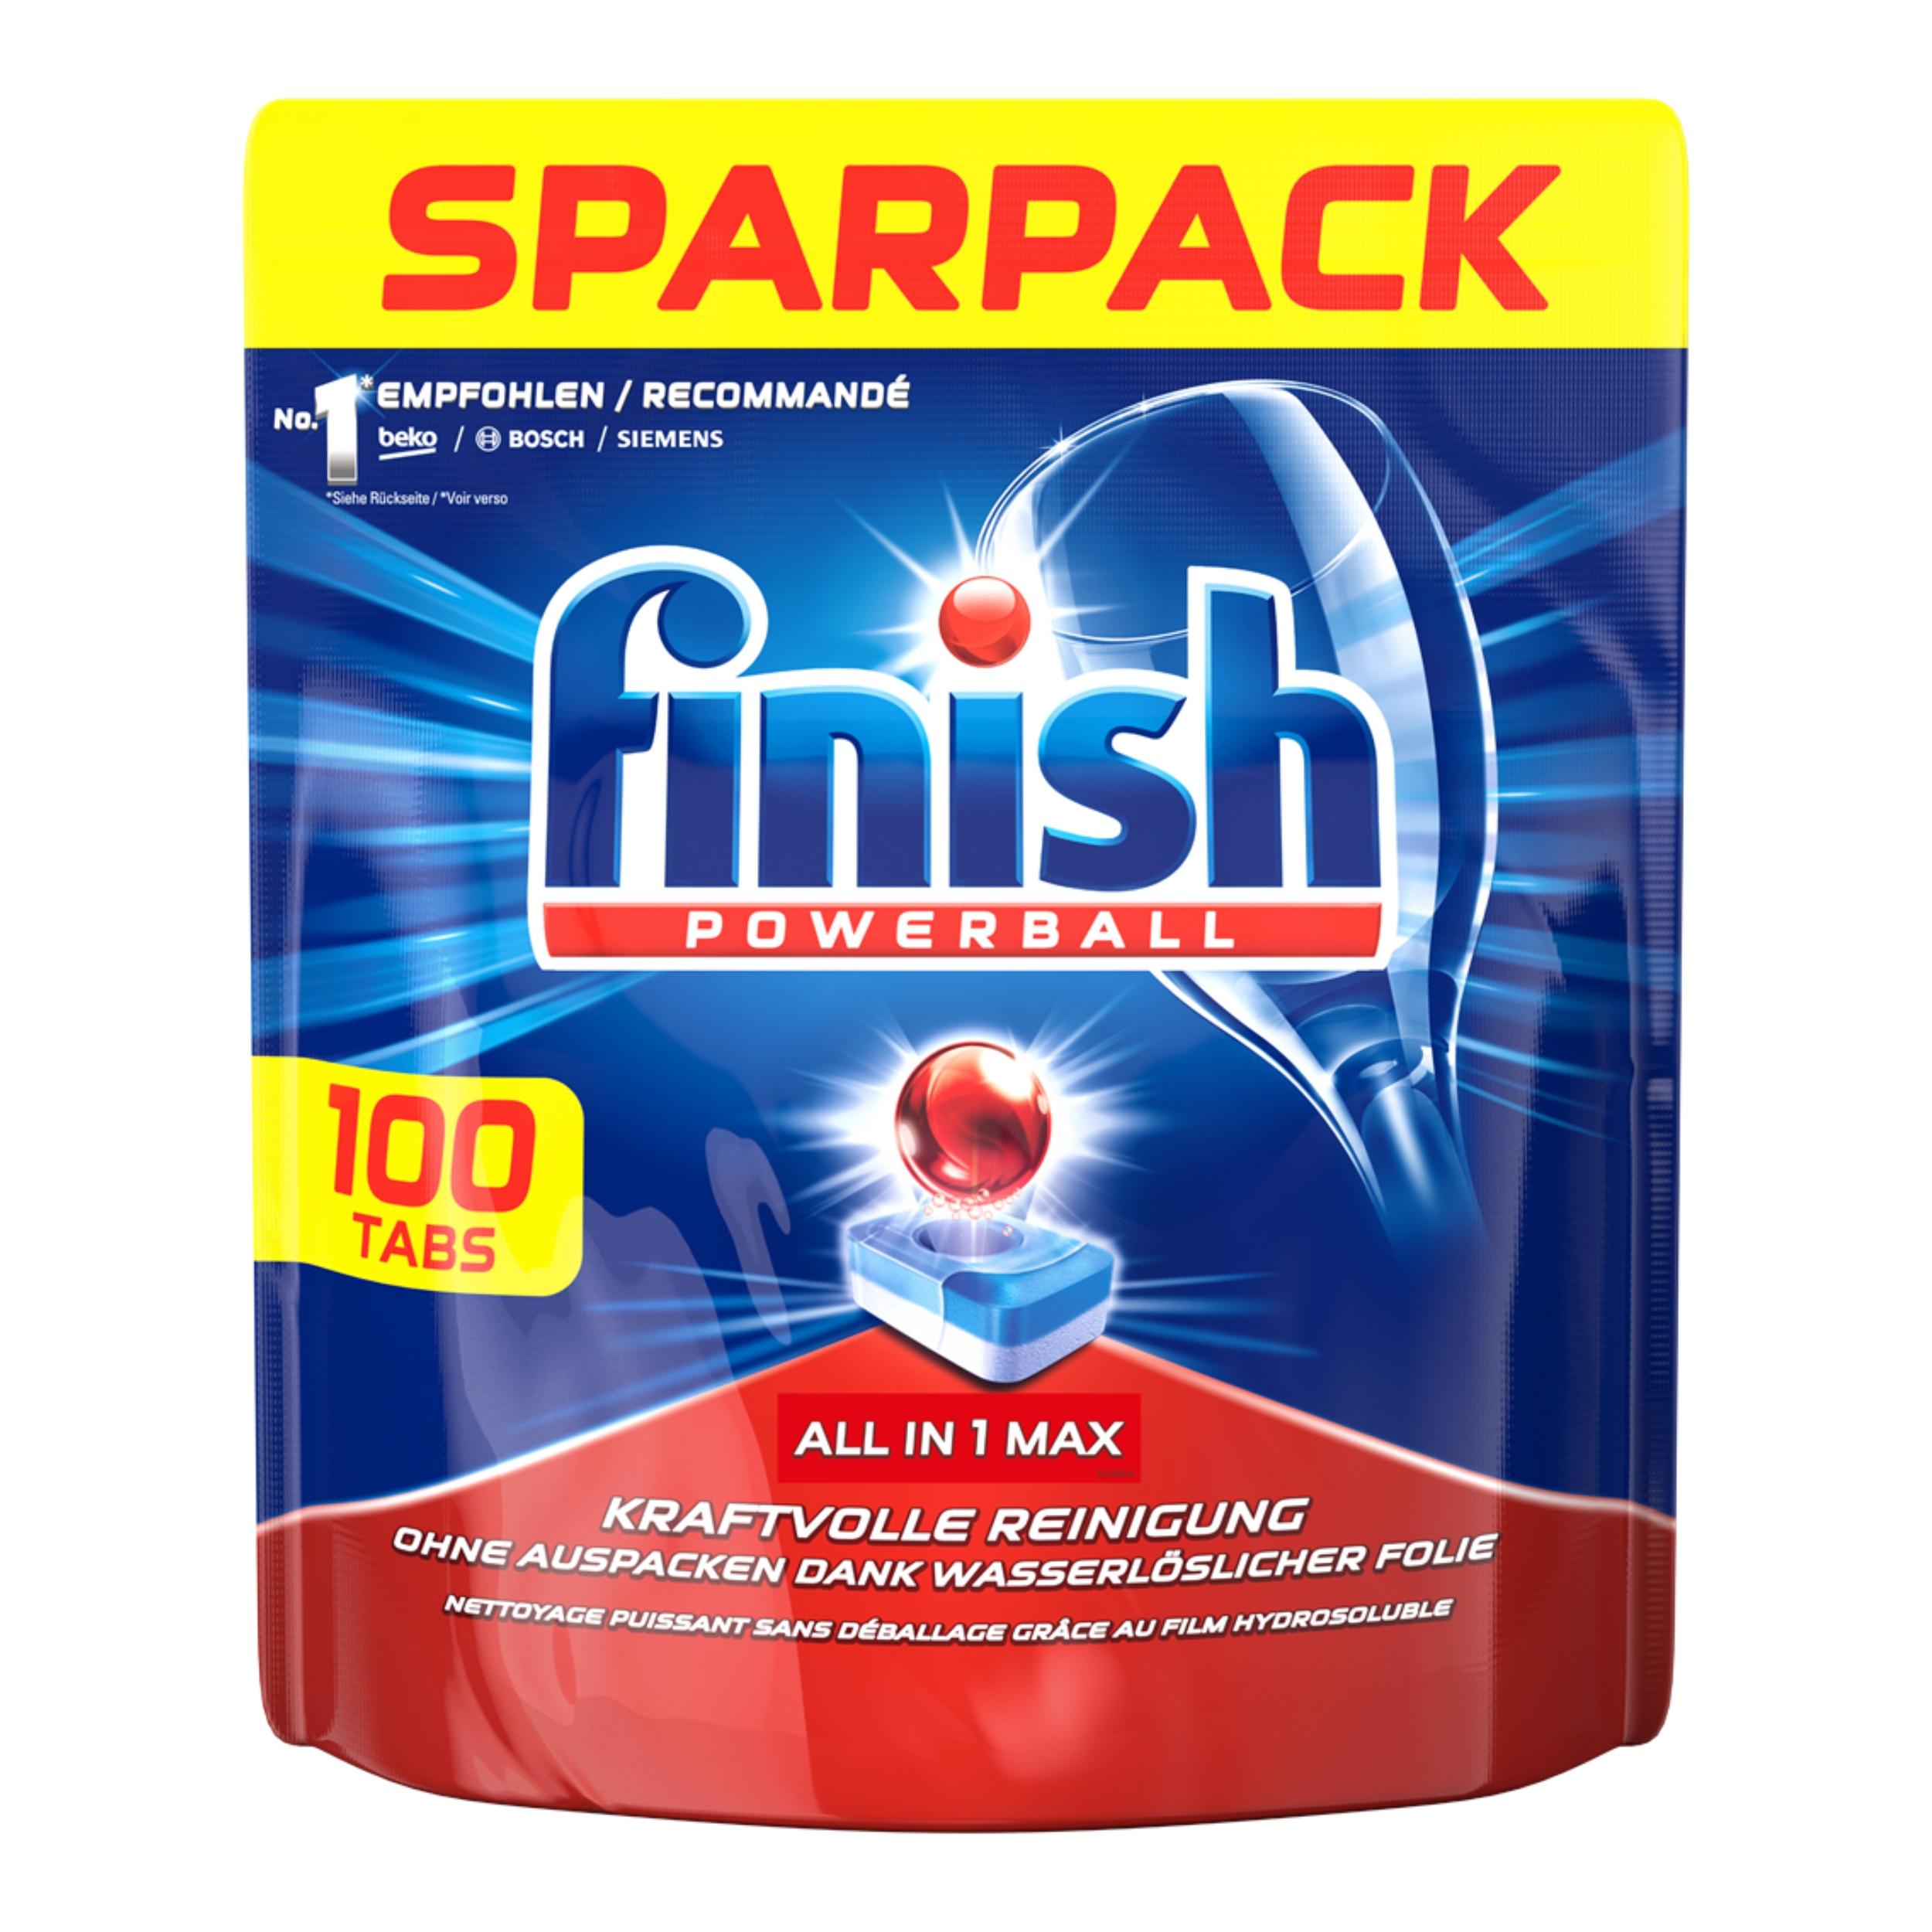 Таблетки для посудомоечной машины Finish All in One Max 100шт.